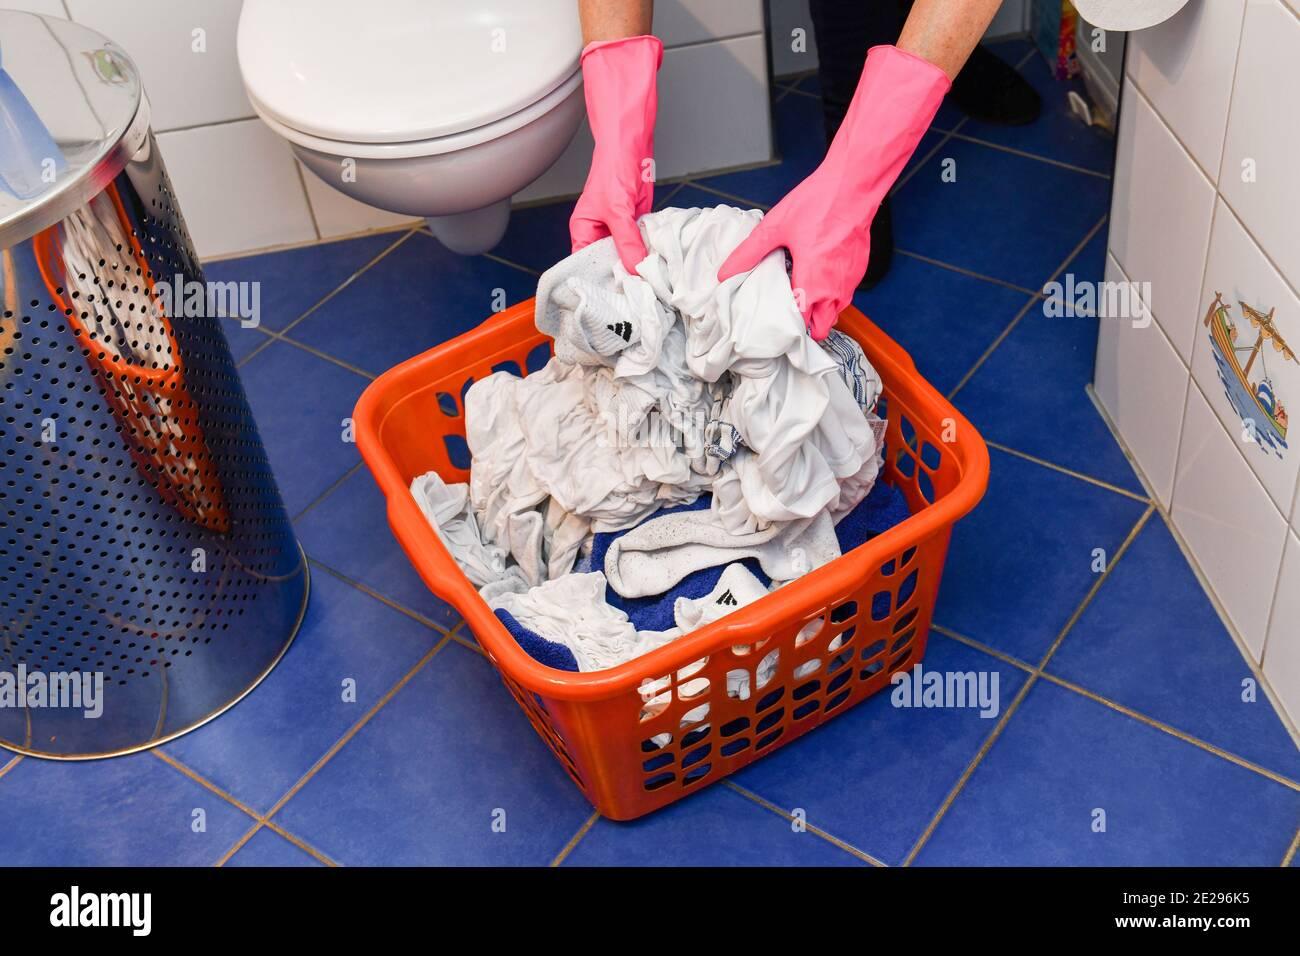 Wäsche, Wäschekorb Stock Photo